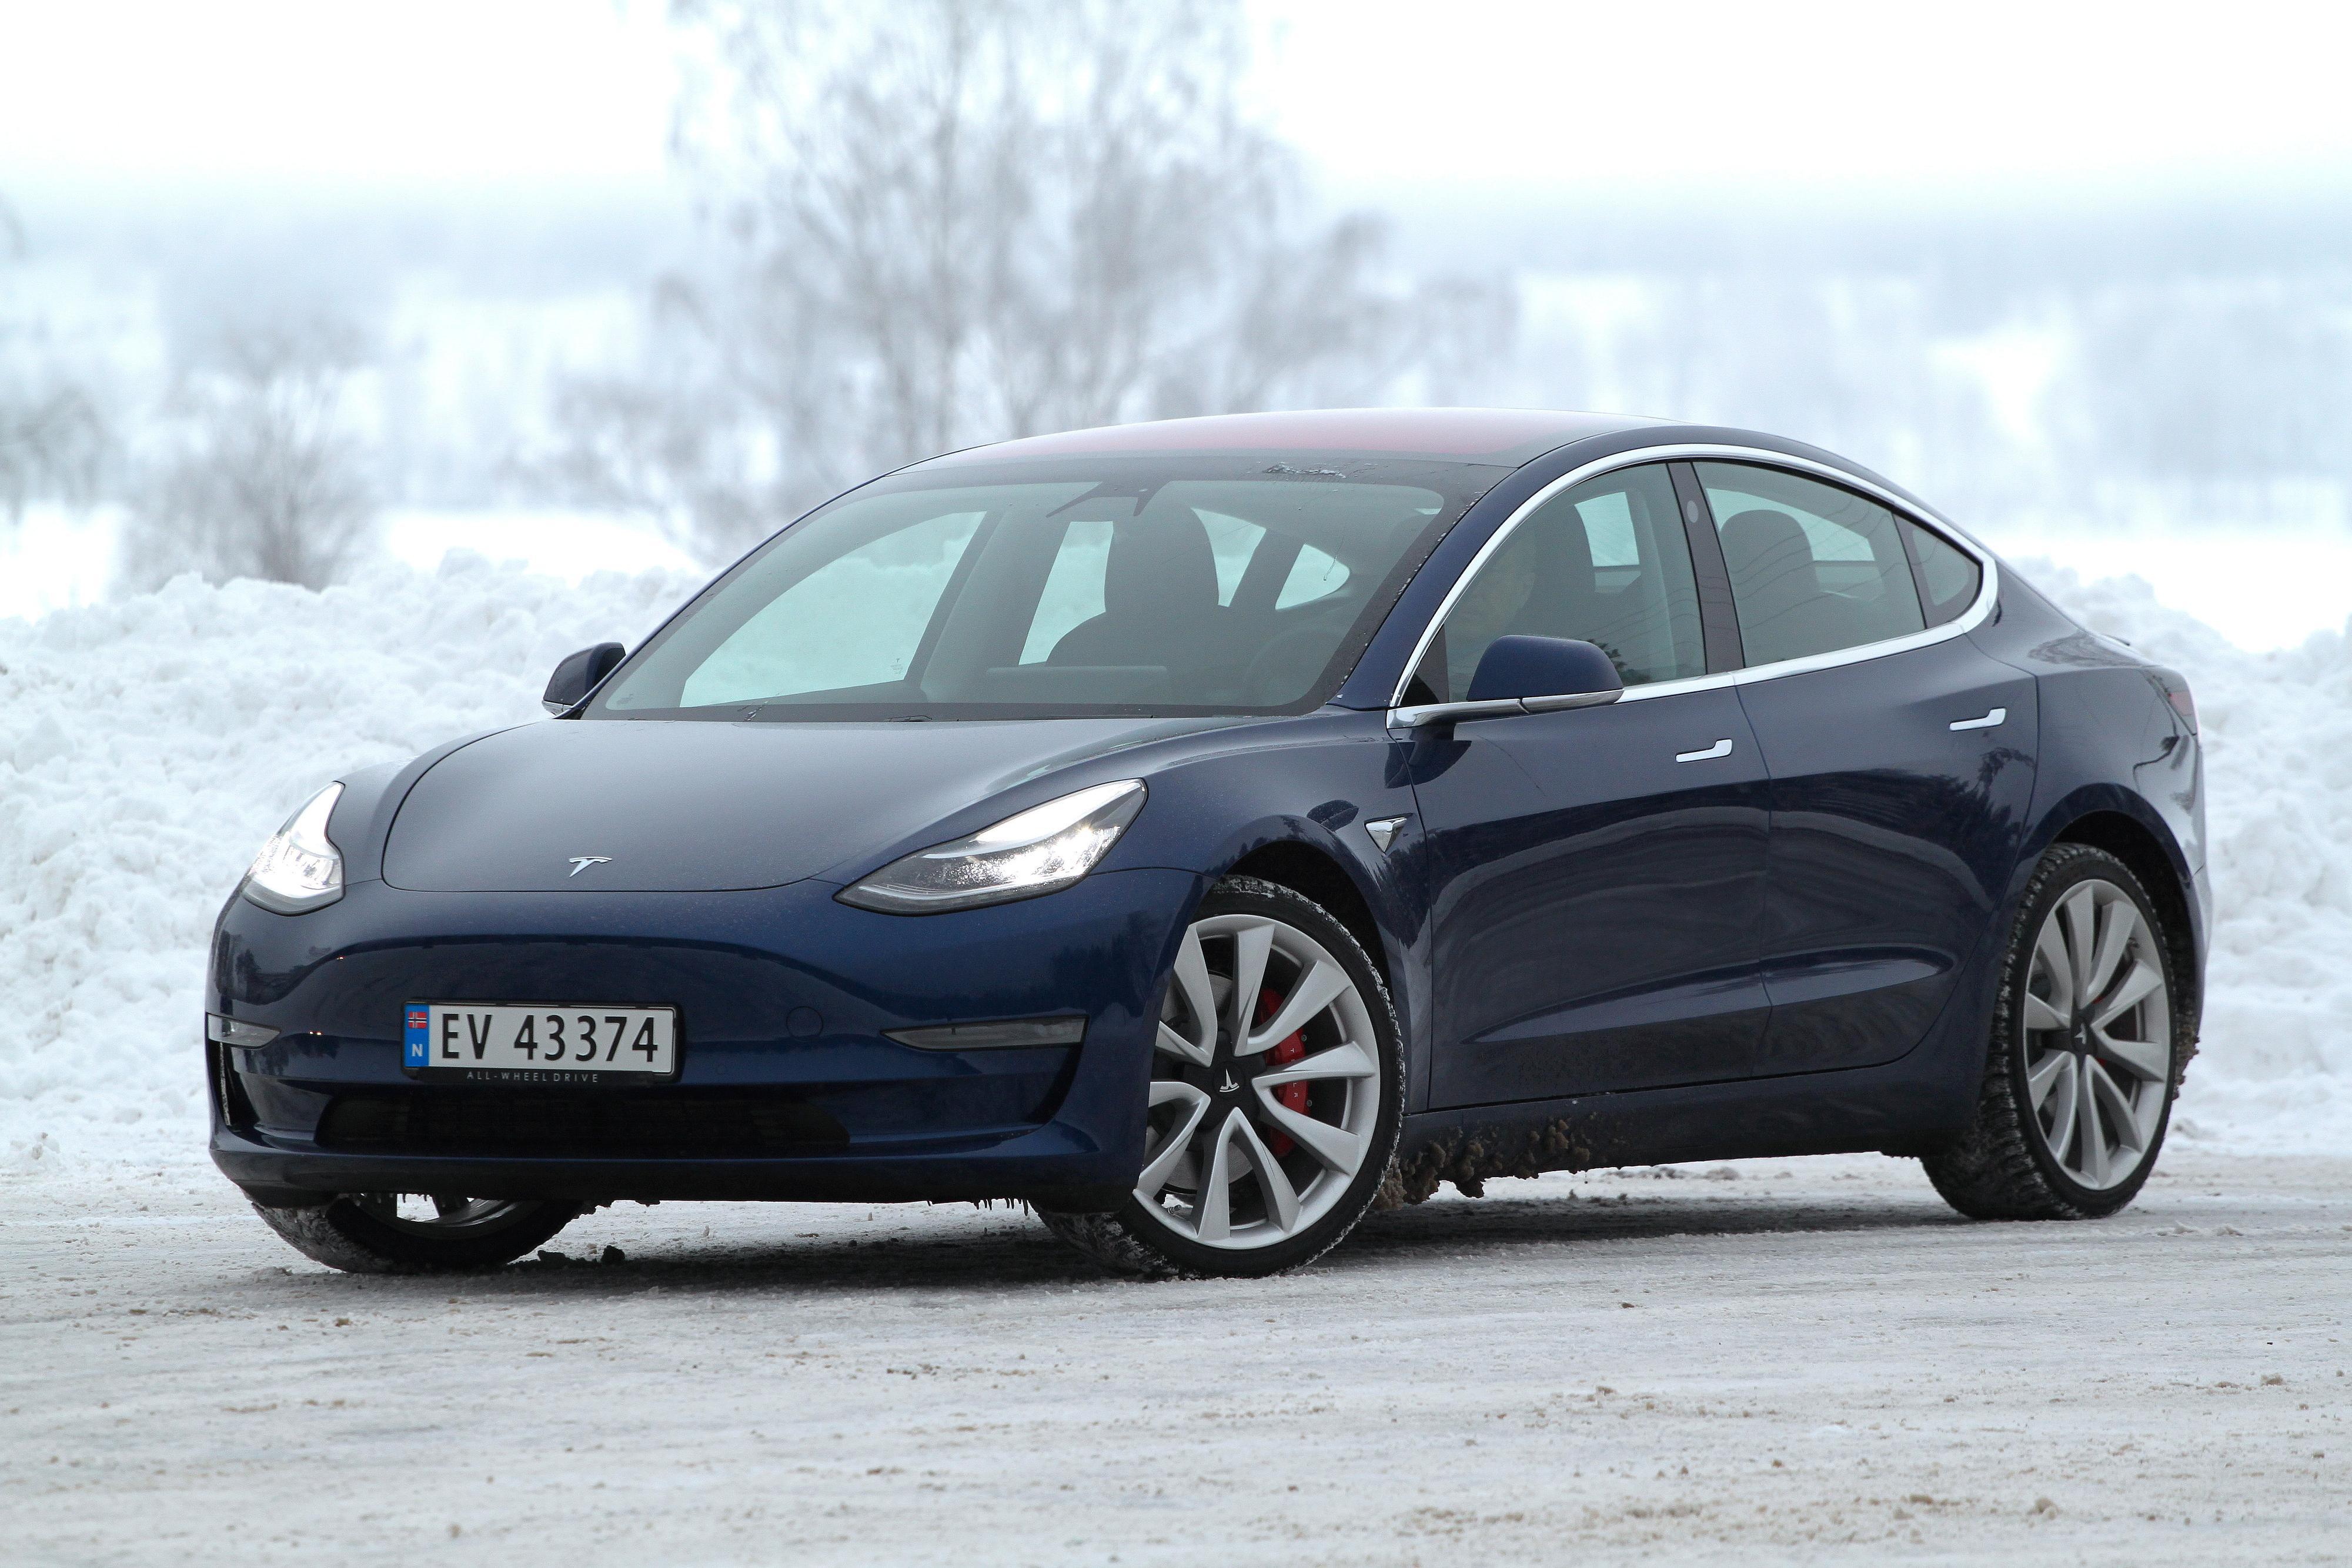 Tesla setter ned prisen på Model 3 Standard Range Plus med 50.000 kroner. Fremover vil den koste 364.000 kroner inkludert levering.